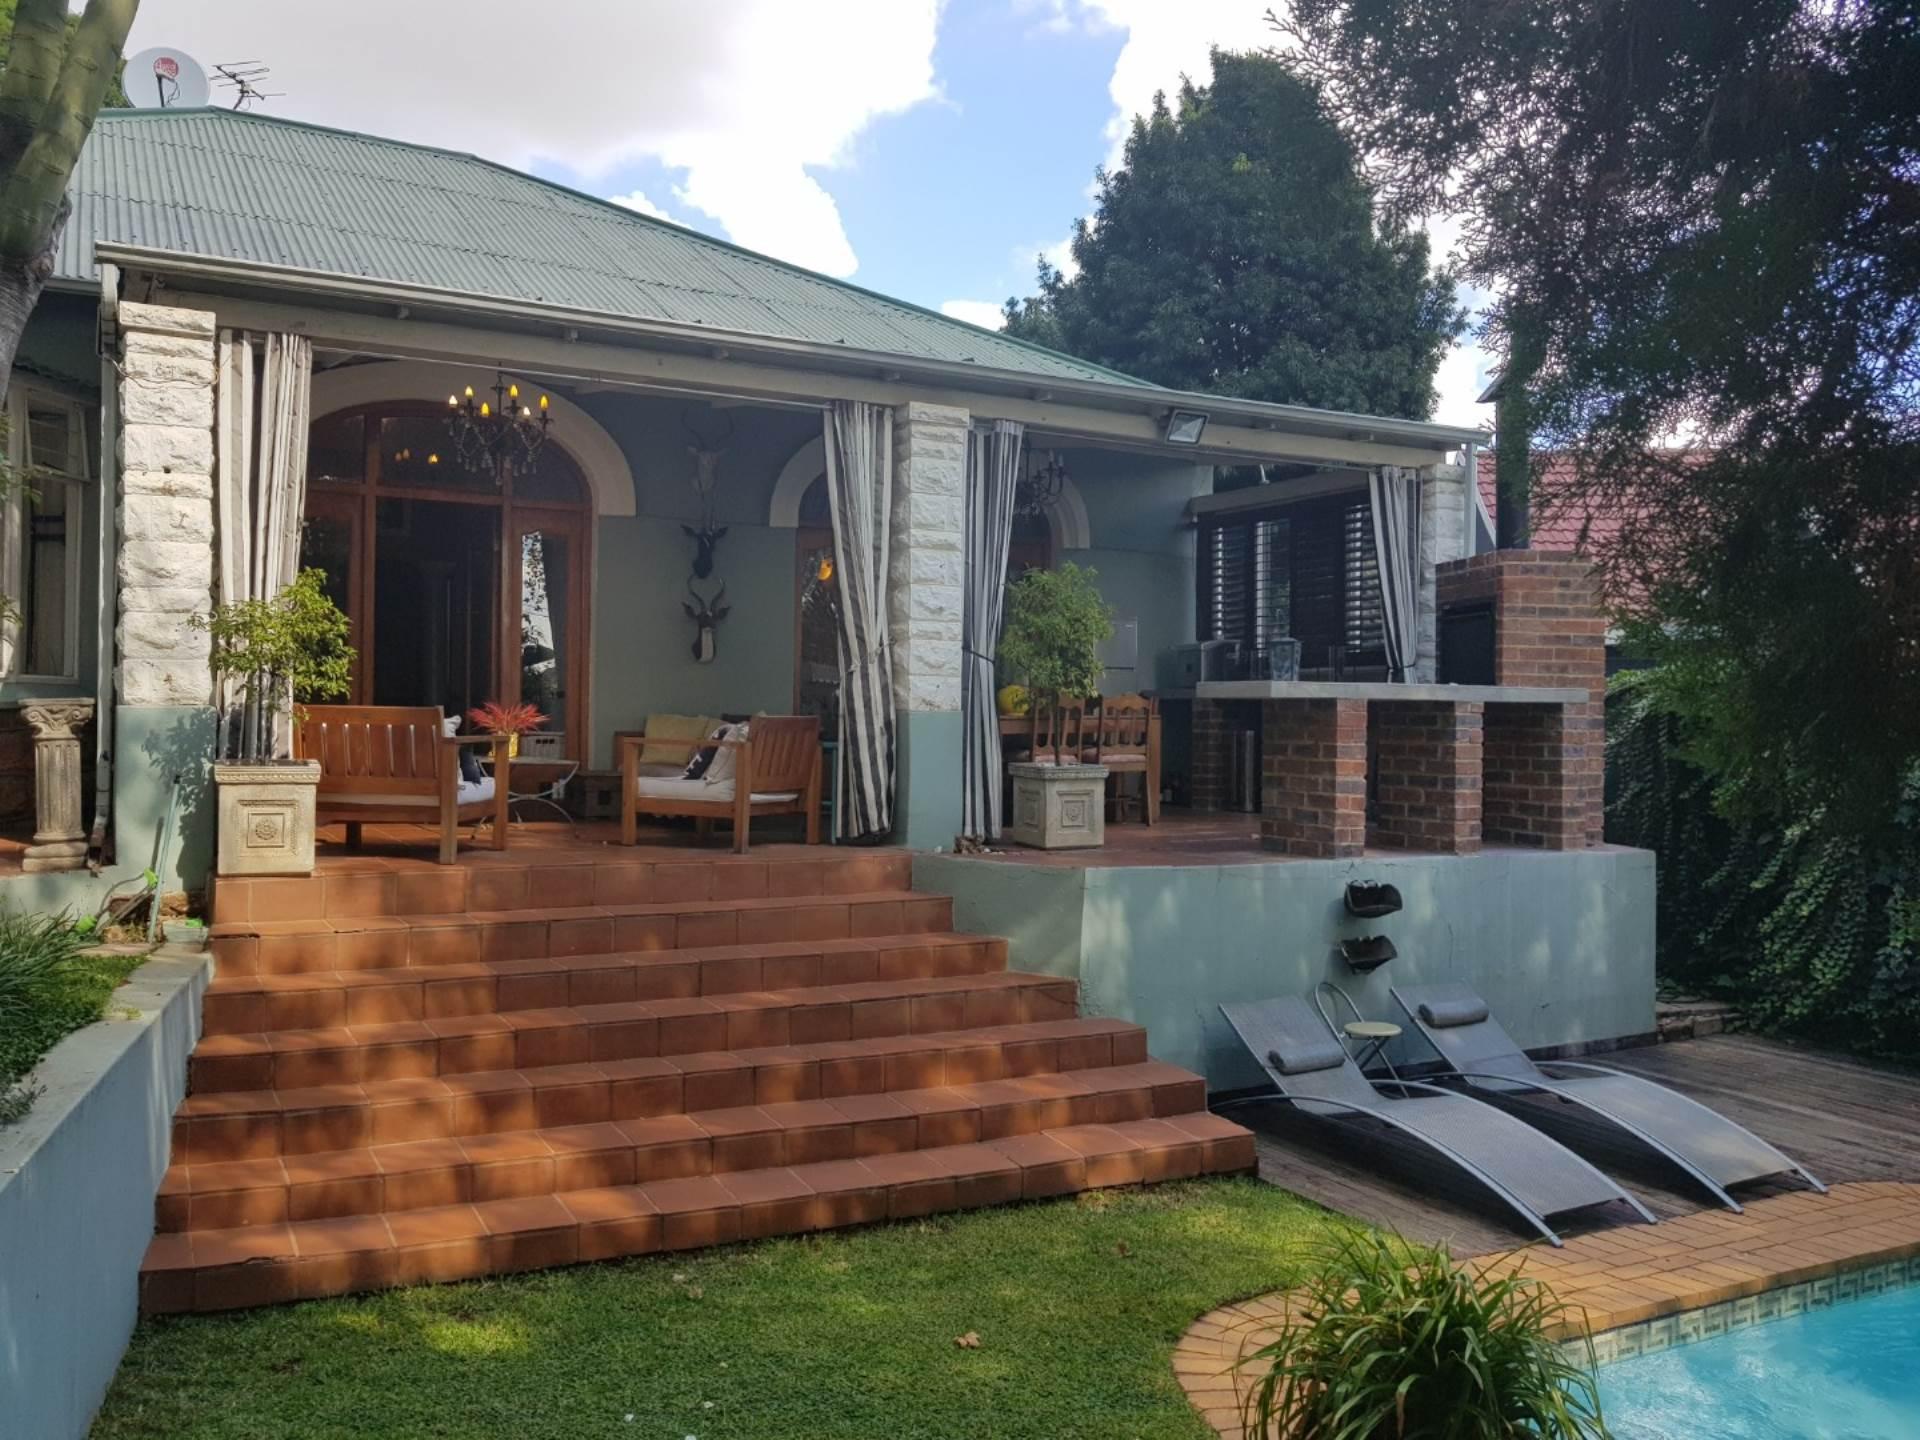 3 BedroomHouse To Rent In Kensington